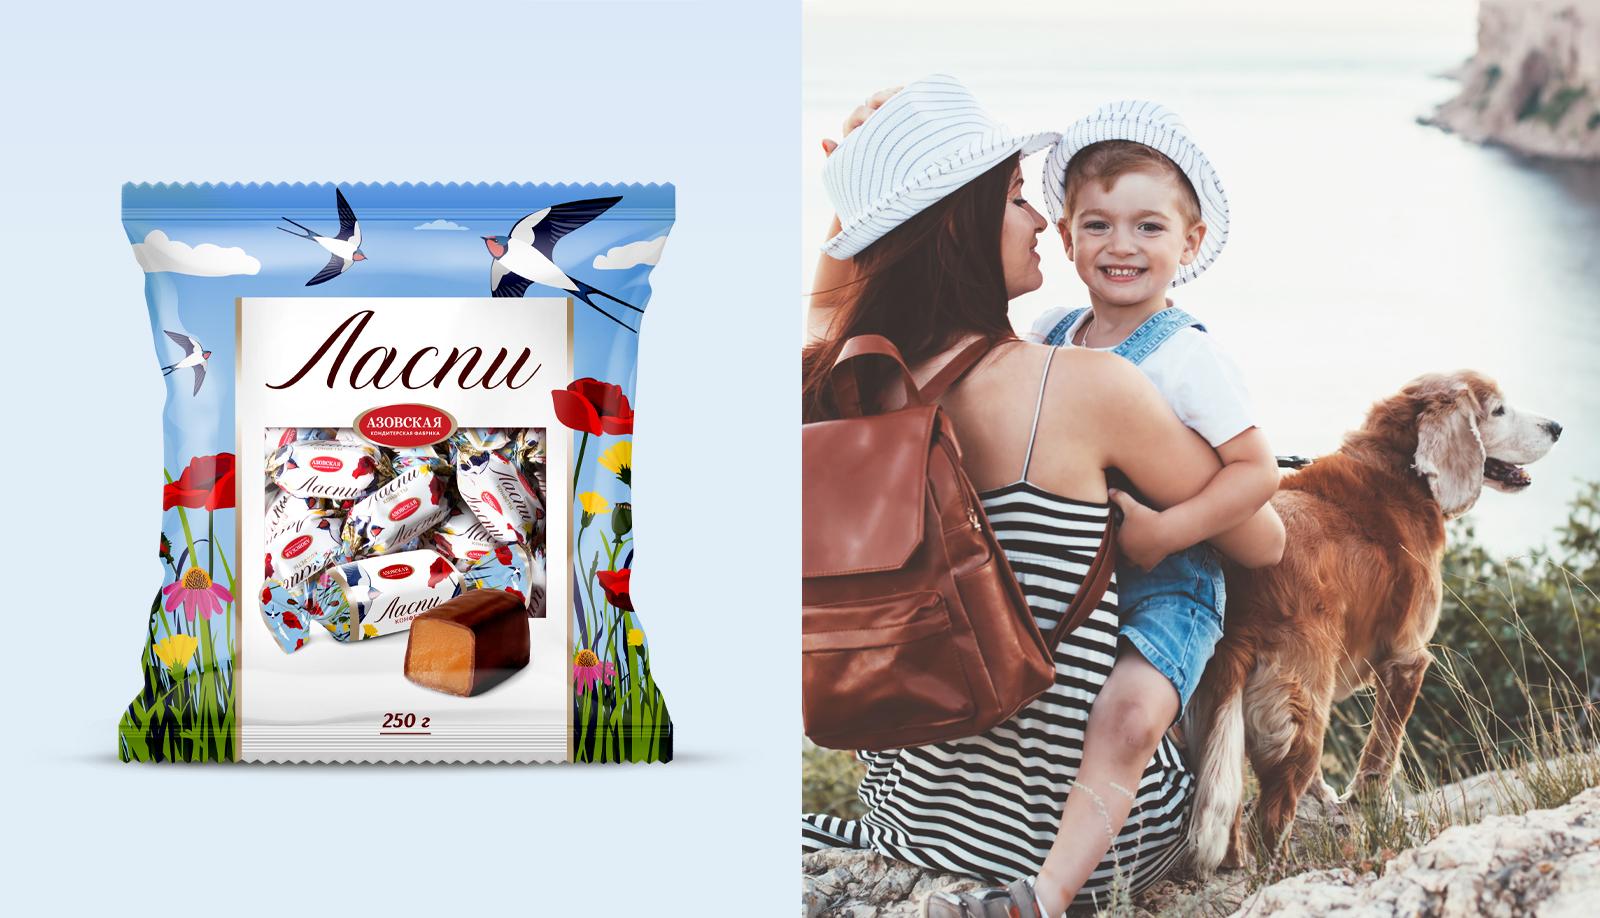 Дизайны упаковки «Ласпи» напоминают о самых теплых днях лета, романтических каникулах, отдыхе и путешествиях.